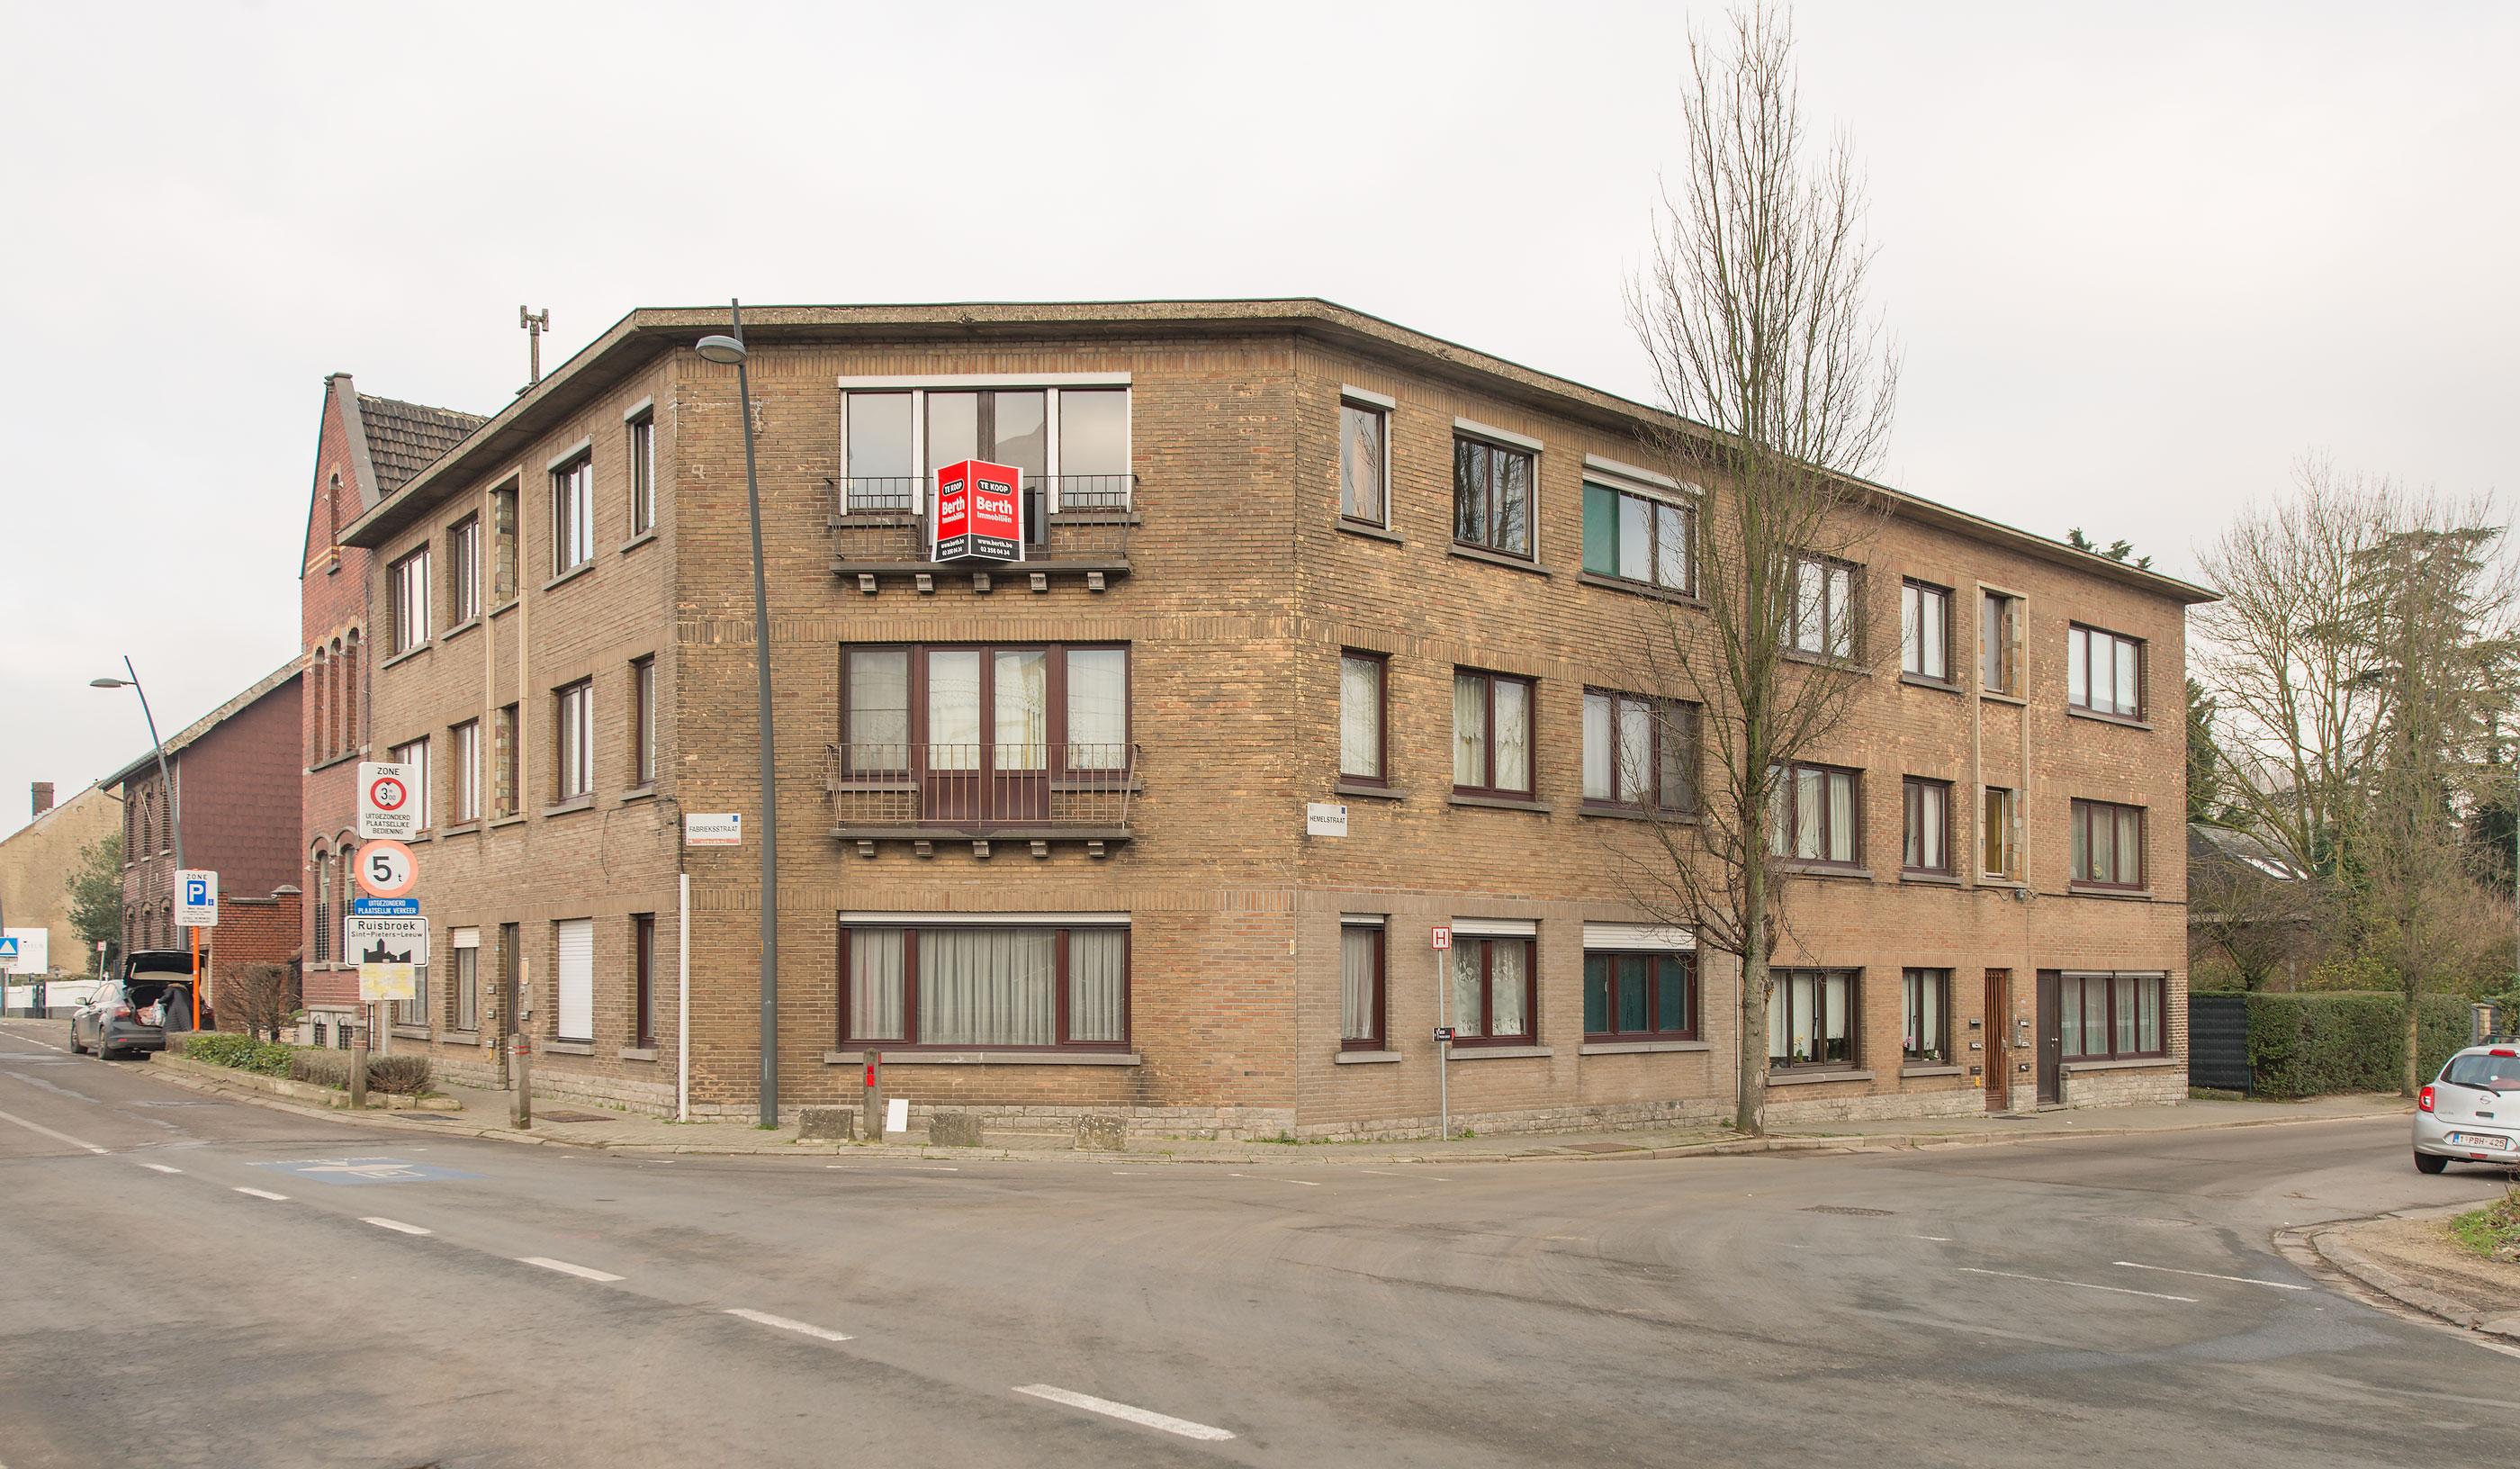 Fabriekstraat 345, 1601 Ruisbroek